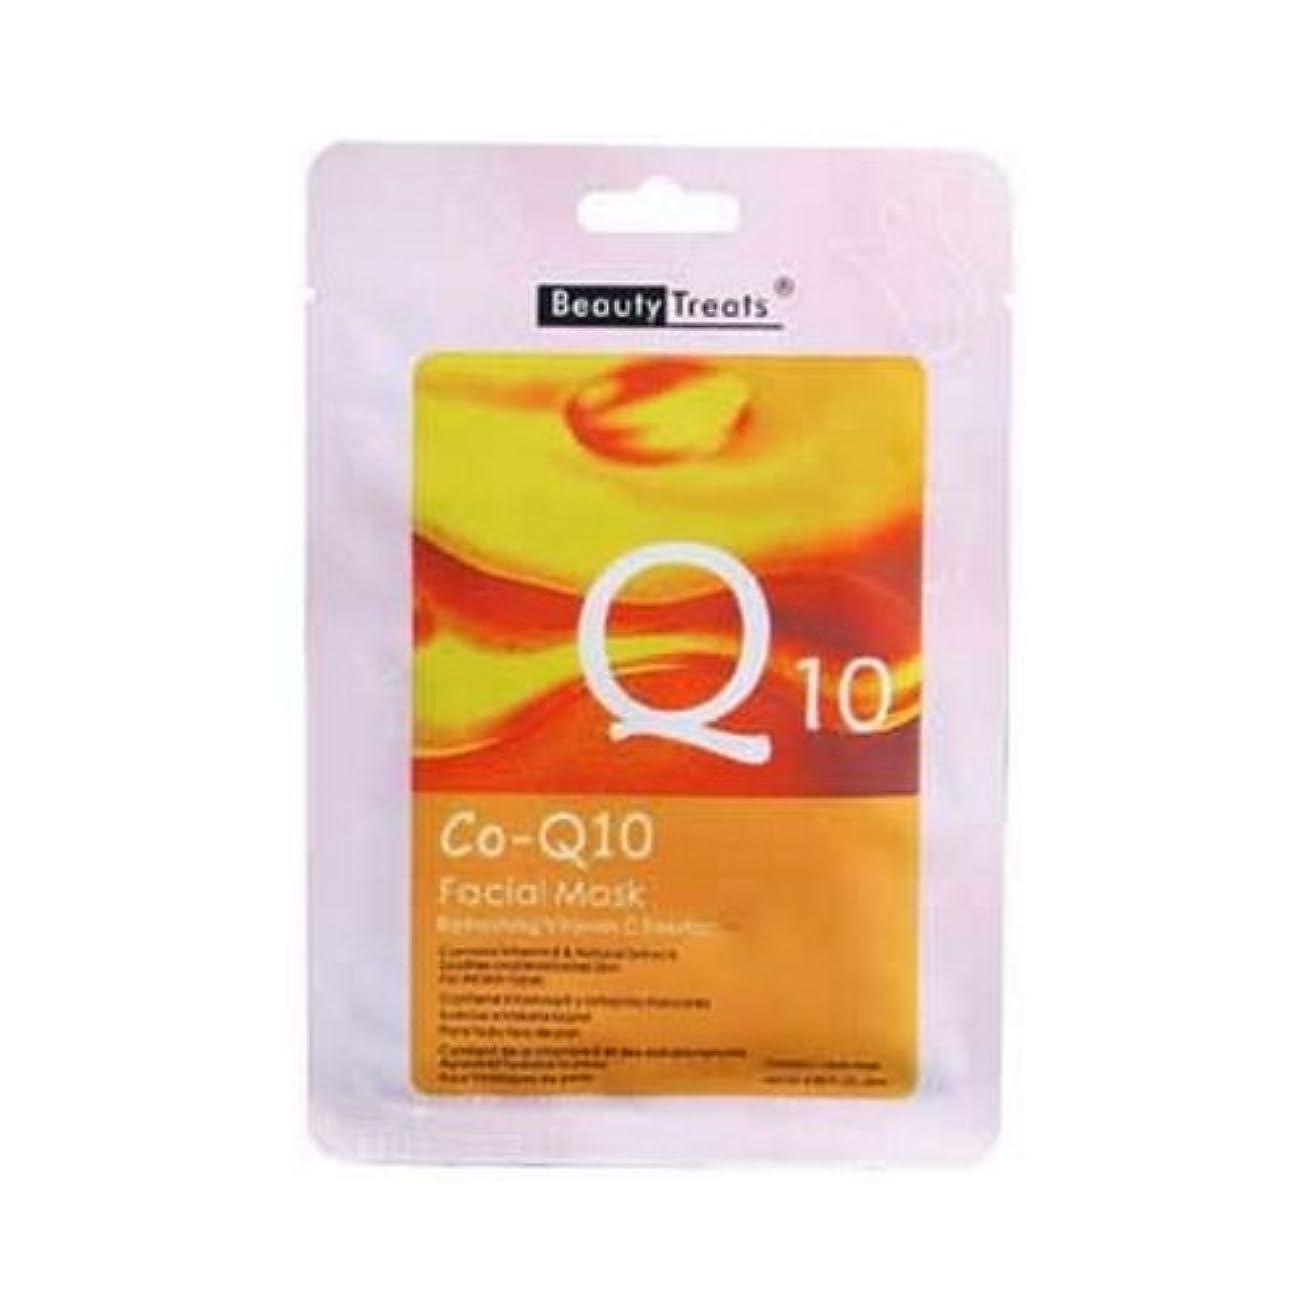 禁止貴重なドループ(3 Pack) BEAUTY TREATS Facial Mask Refreshing Vitamin C Solution - Co-Q10 (並行輸入品)